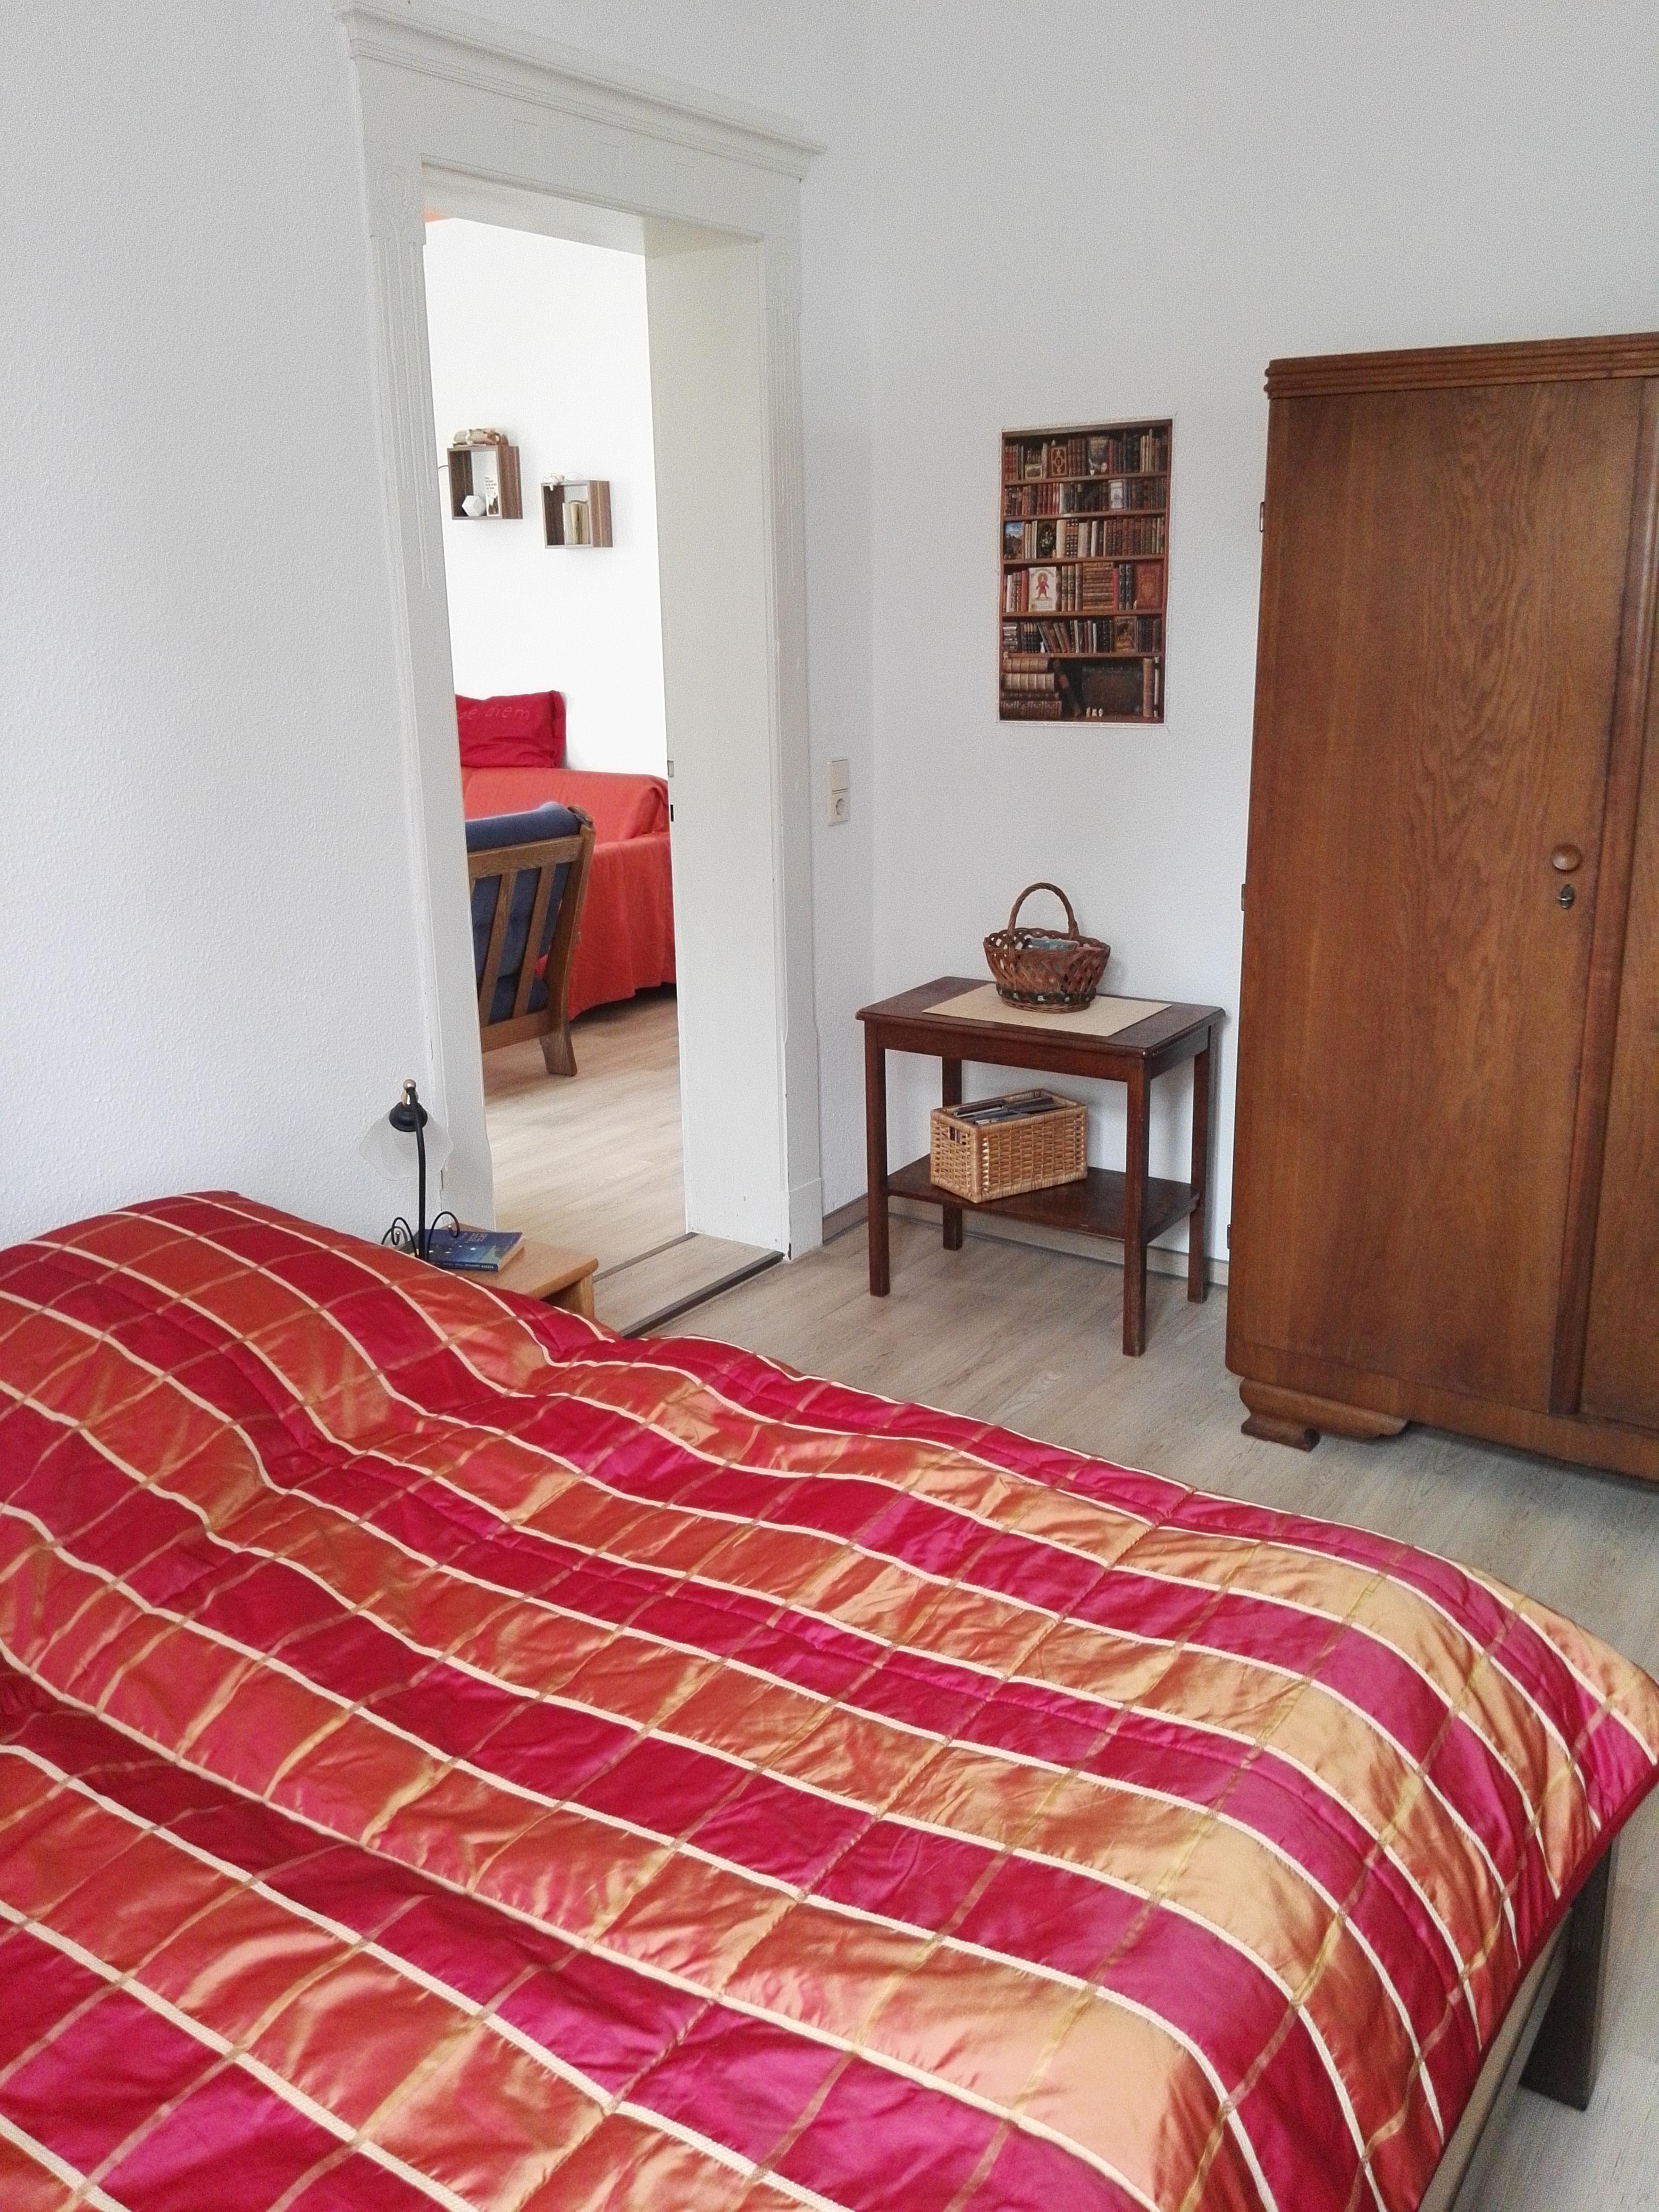 Friedegerns Ferienwohnungen in Schierke - Schlafzimmer